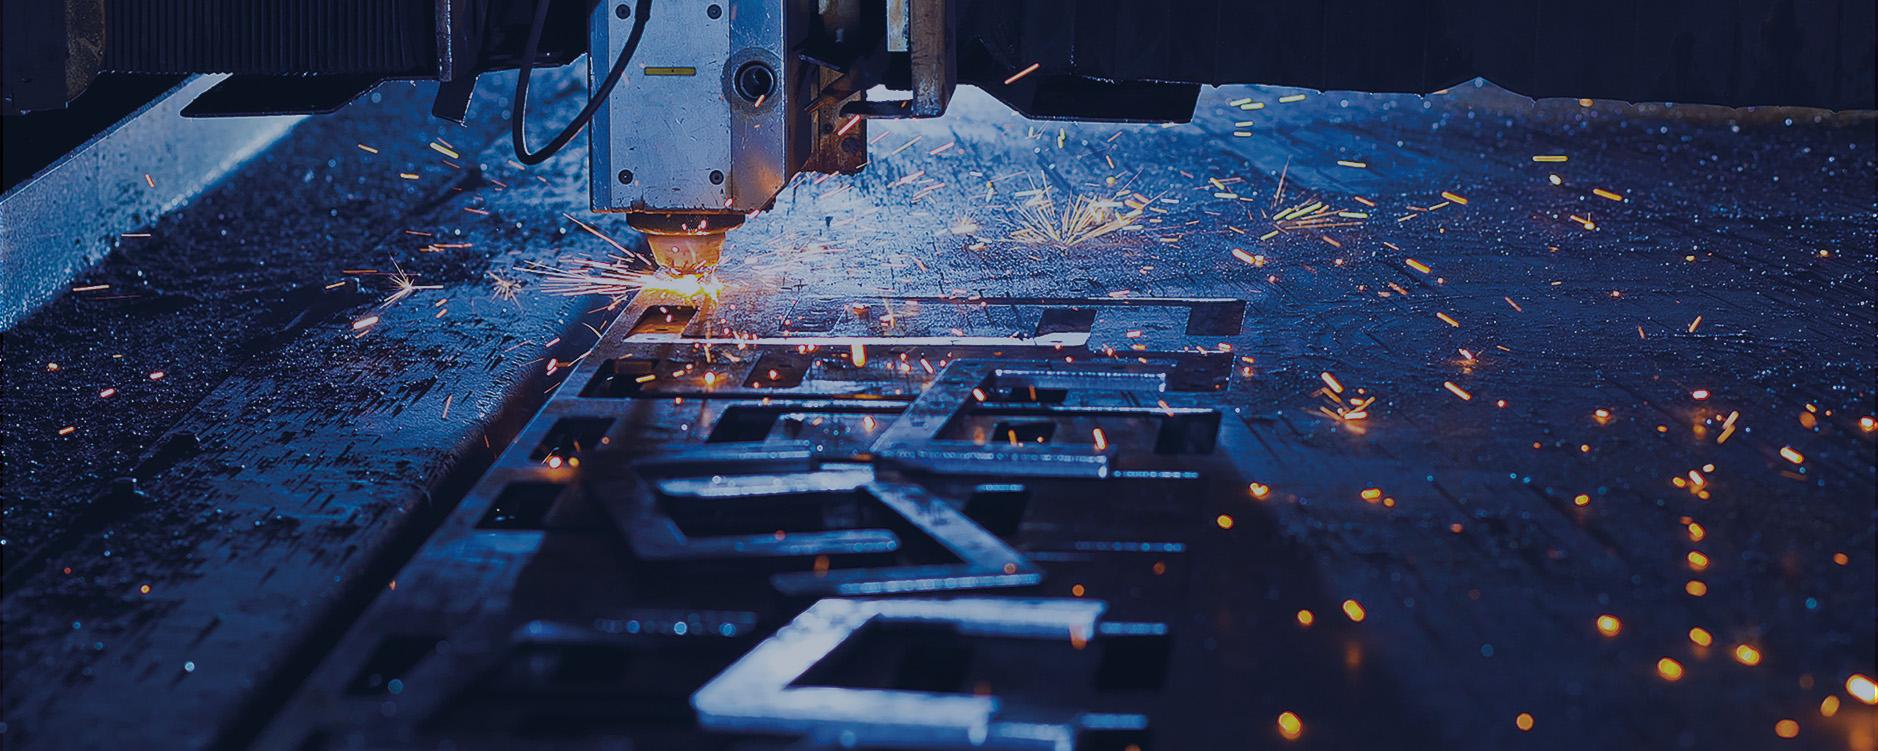 Maakbedrijven opgelet, wilt u weten of uw bedrijfsproces optimaal functioneert?